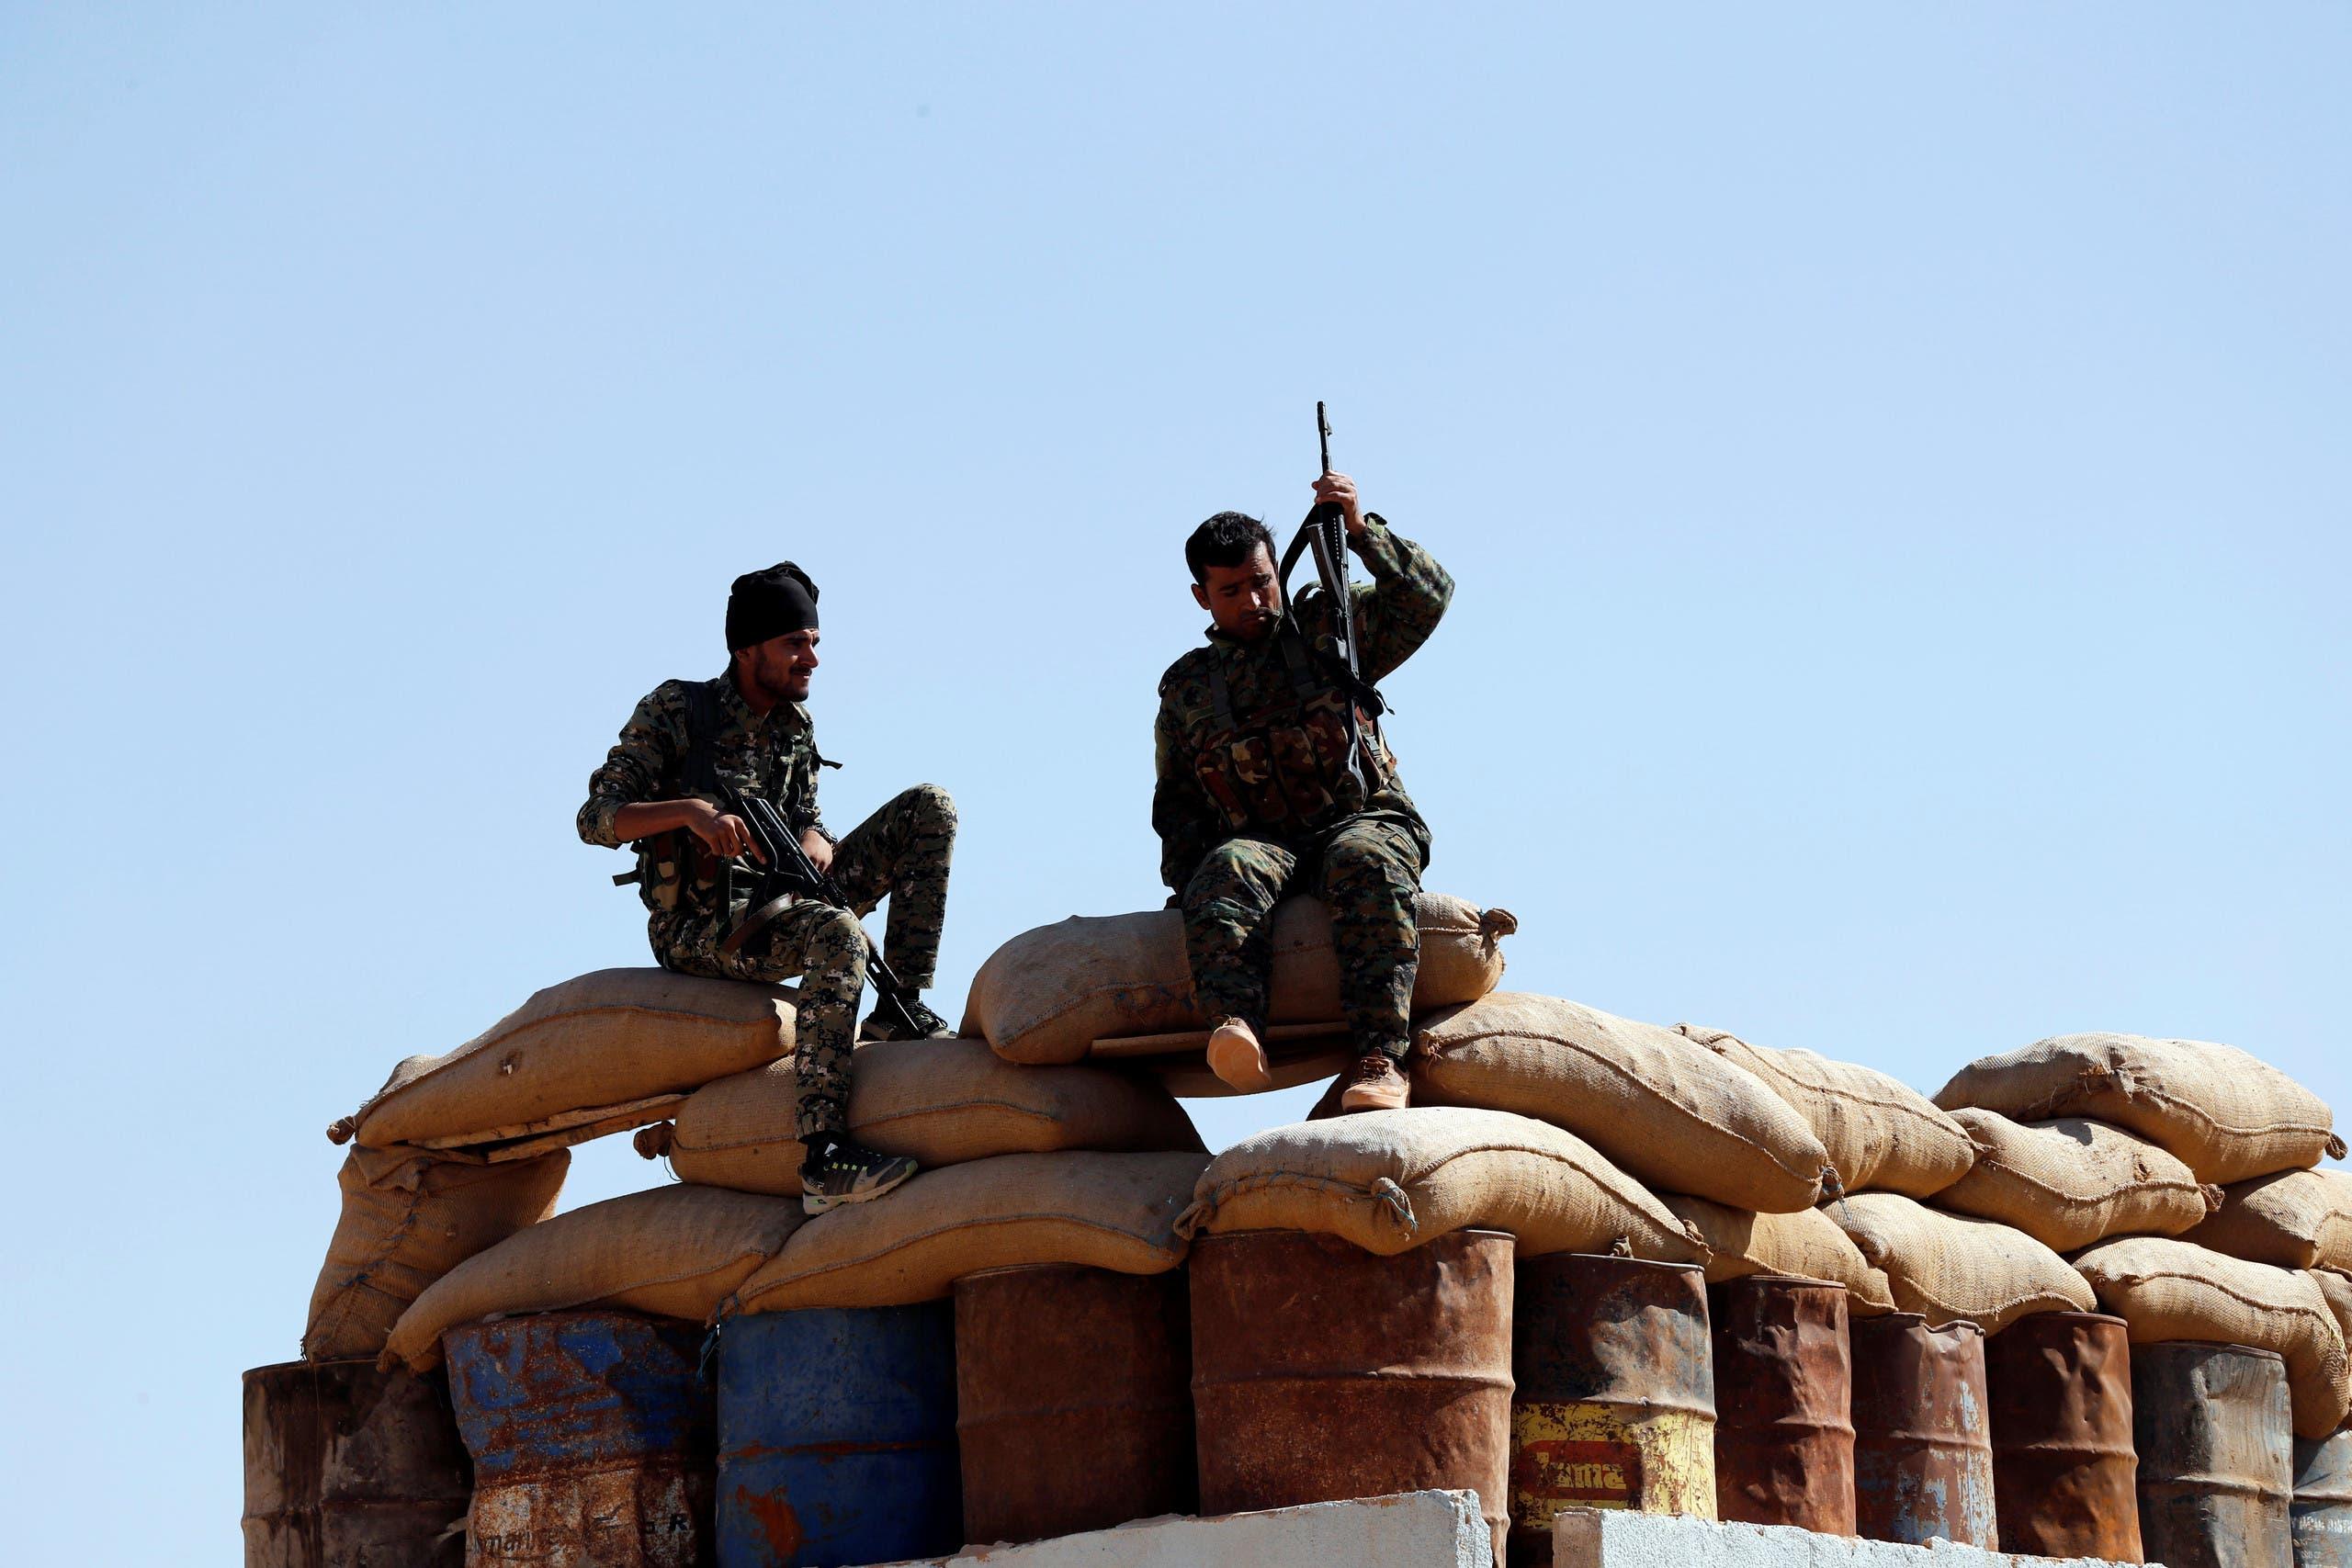 عناصر من قوات سوريا الديمقراطية في عين عيسى (أرشيفية)